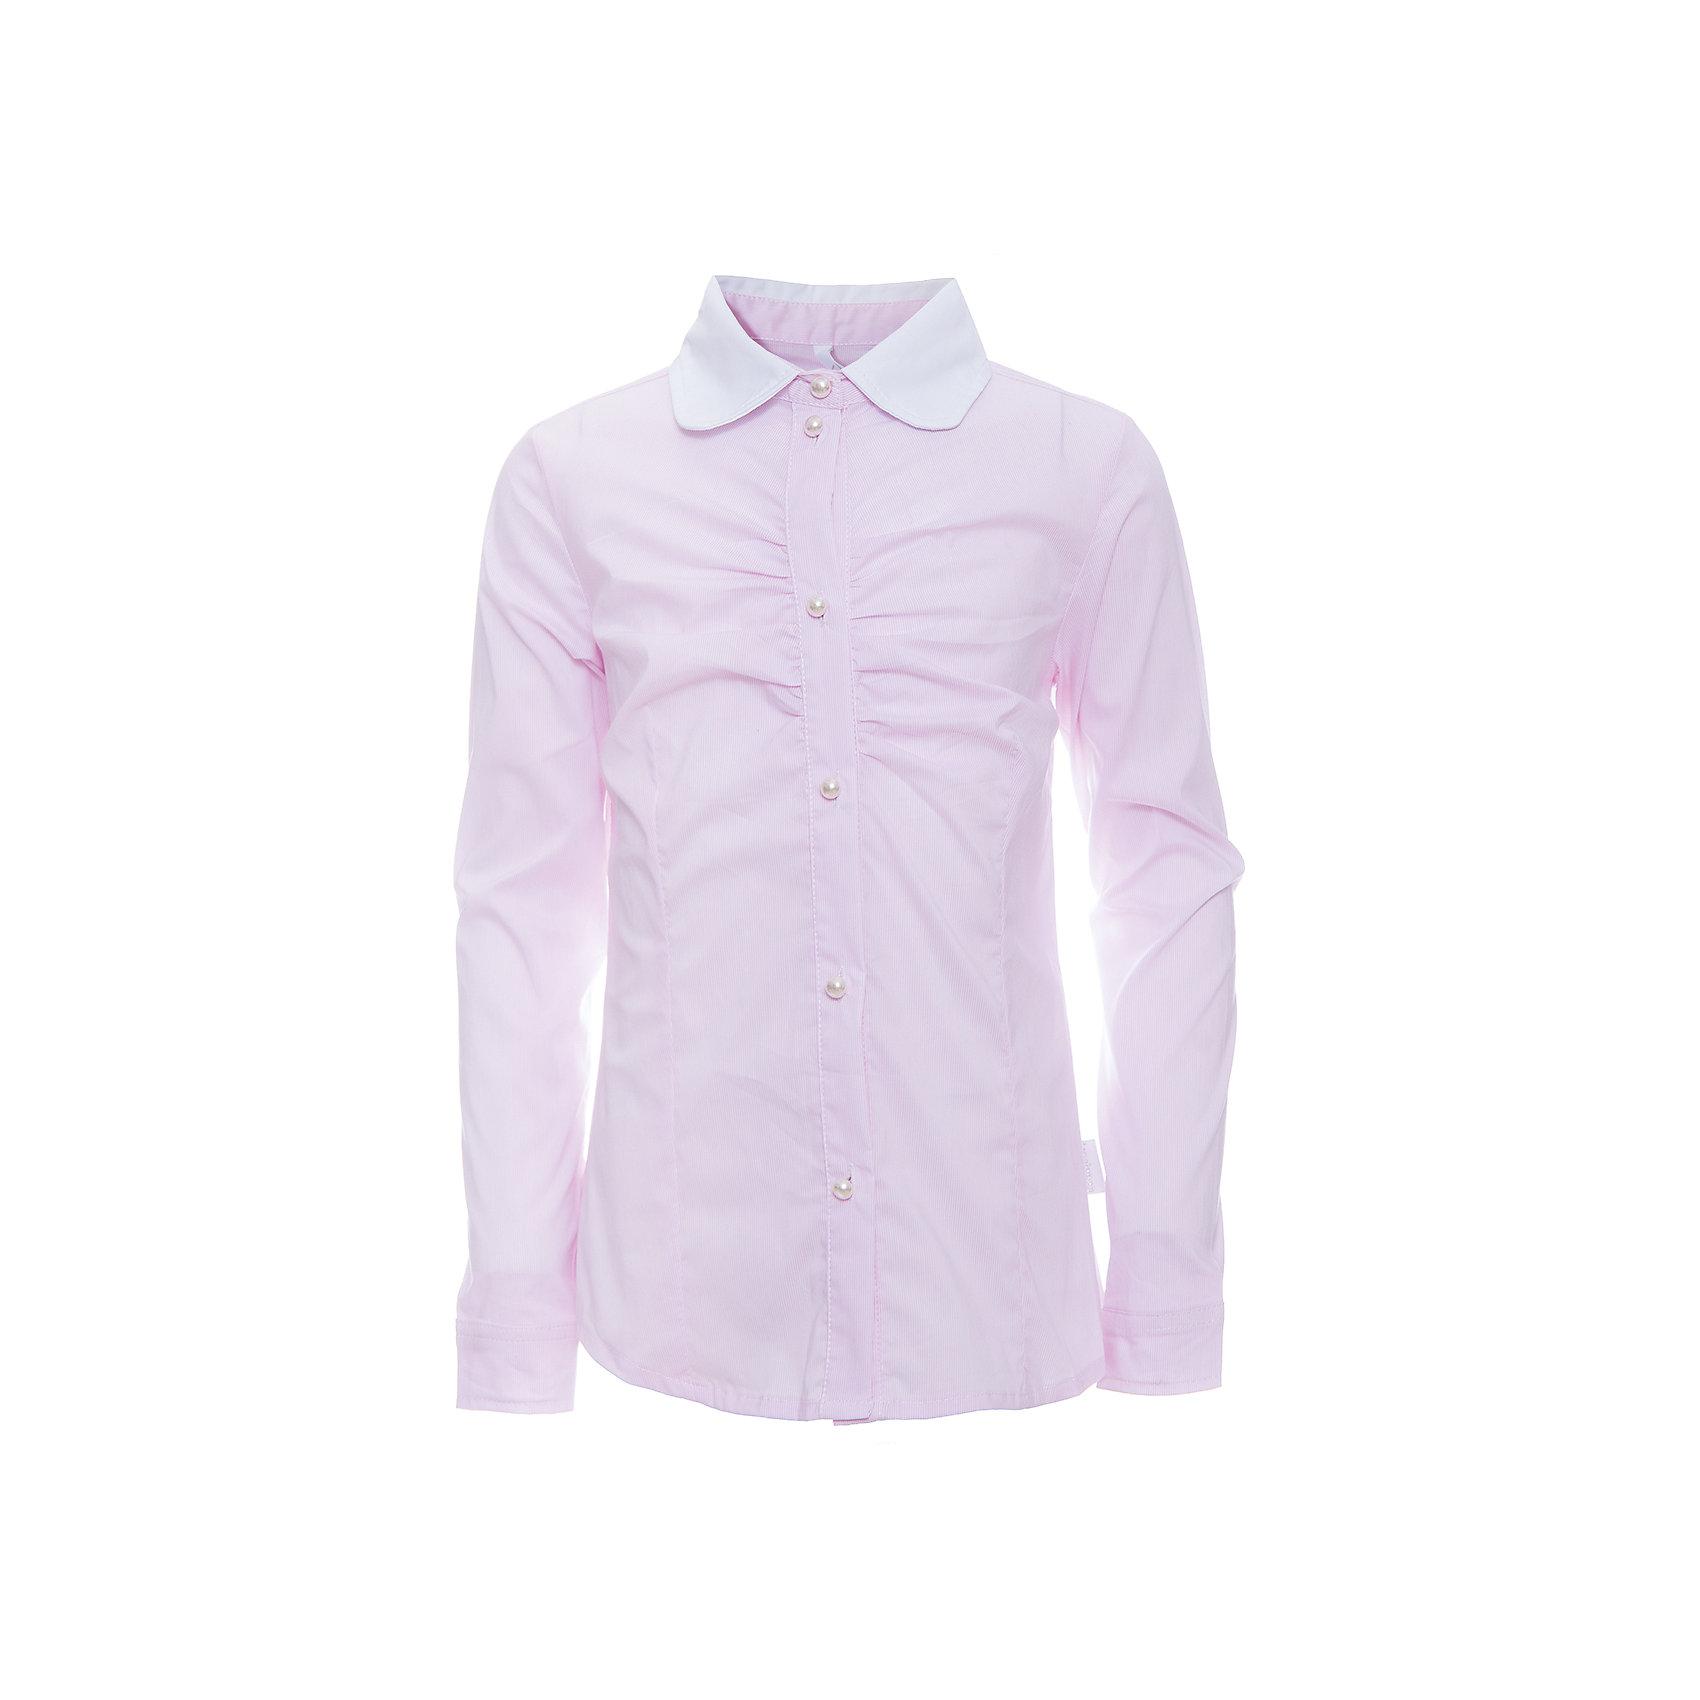 Блузка для девочки LuminosoБлузки и рубашки<br>Характеристики товара:<br><br>• цвет: розовый<br>• состав ткани: 69% хлопок, 28% нейлон, 3% эластан<br>• с длинным рукавом<br>• застежка: пуговицы<br>• манжеты на пуговице<br>• особенности: школьная, в мелкую полоску<br>• страна бренда: Россия<br>• страна производства: Китай<br><br>Школьная блузка с длинным рукавом для девочки. Классическая блузка для девочки в микрополоску бело-розового цвета. Приталенный крой, контрастный отложной воротничок белого цвета. Декоративная, мягкая сборка на планке. Застегивается на пуговки, манжеты рукавов на одной пуговице. Пуговки в виде жемчуга.<br><br>Блузка для девочки Luminoso (Люминосо) можно купить в нашем интернет-магазине.<br><br>Ширина мм: 186<br>Глубина мм: 87<br>Высота мм: 198<br>Вес г: 197<br>Цвет: розовый<br>Возраст от месяцев: 72<br>Возраст до месяцев: 84<br>Пол: Женский<br>Возраст: Детский<br>Размер: 122,164,128,134,140,146,152,158<br>SKU: 6672195